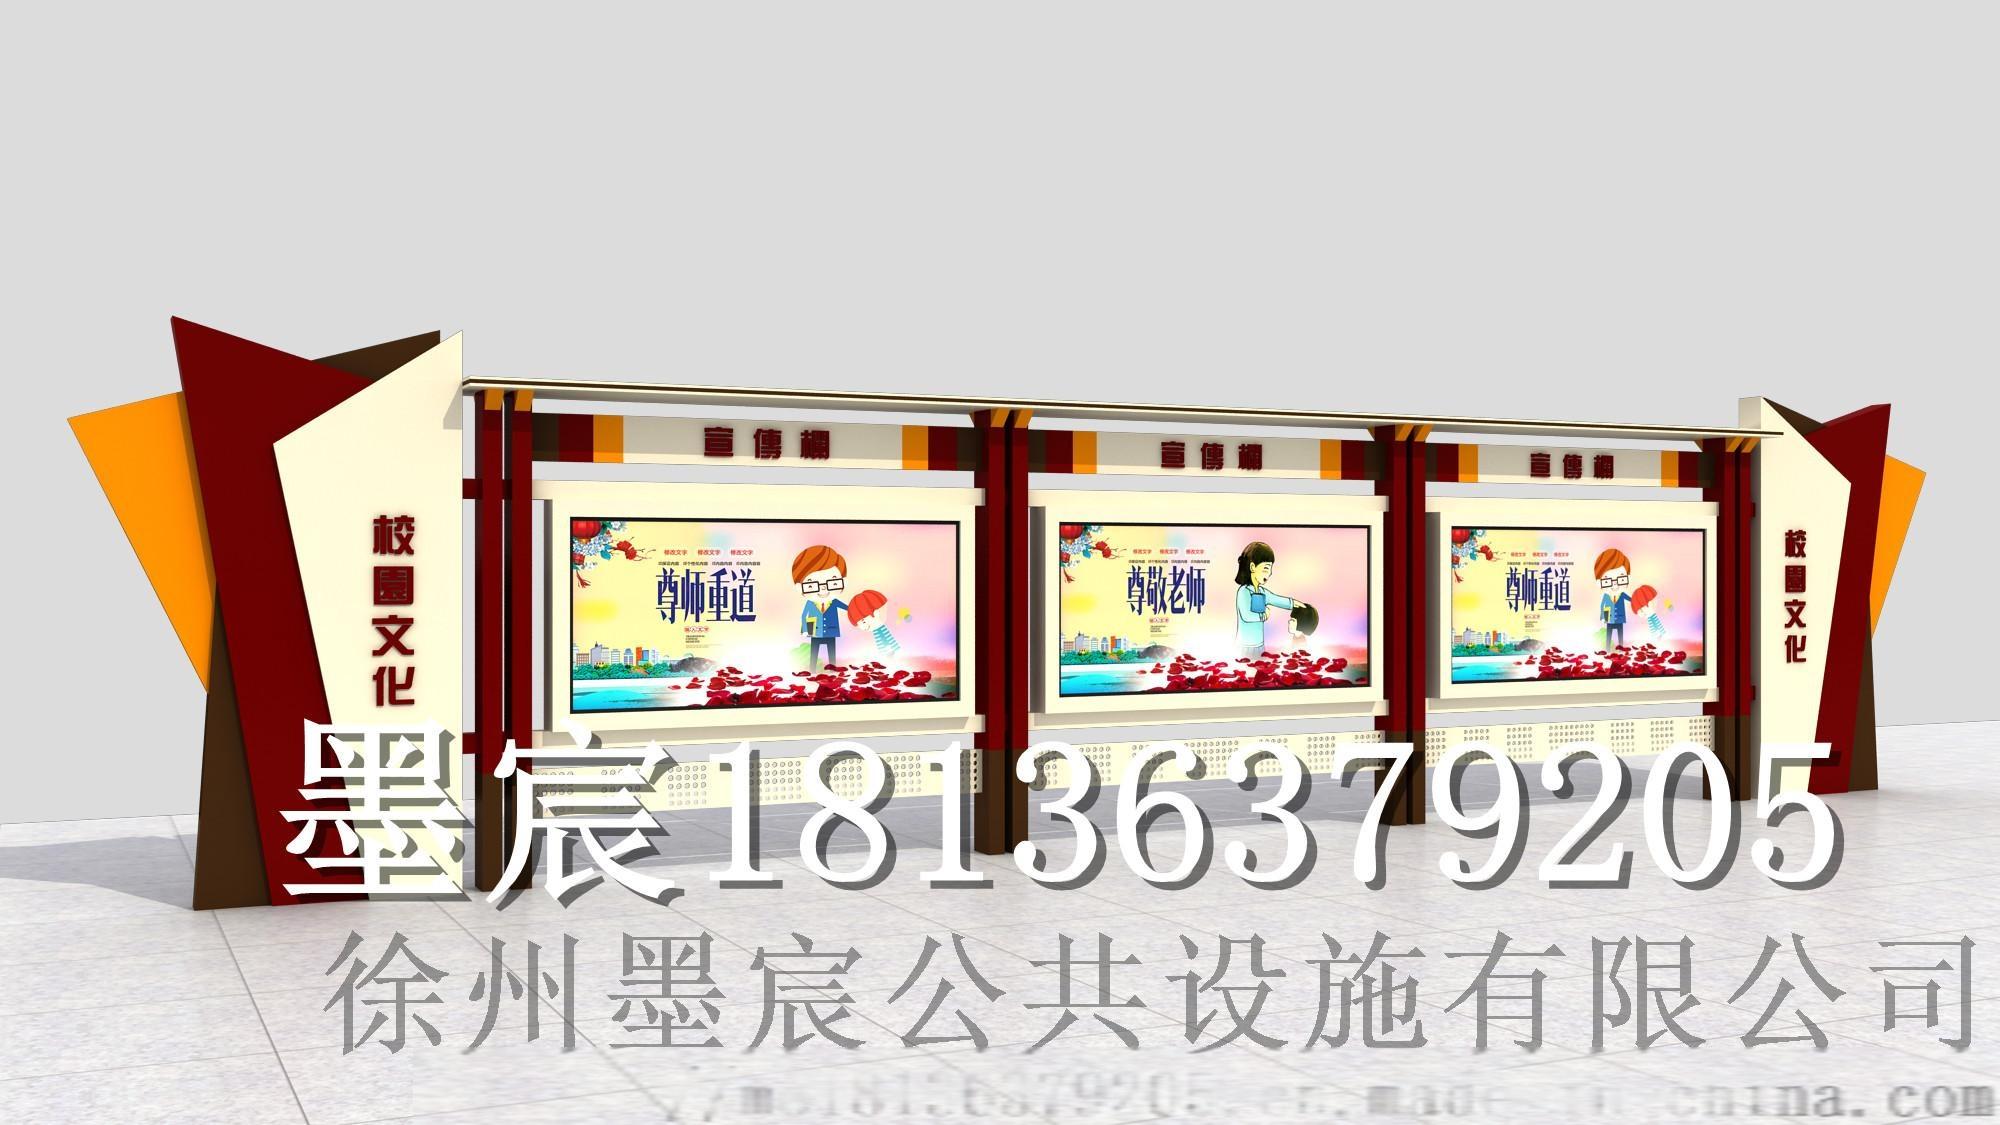 da201160812fa07f6091948b74c404a.jpg